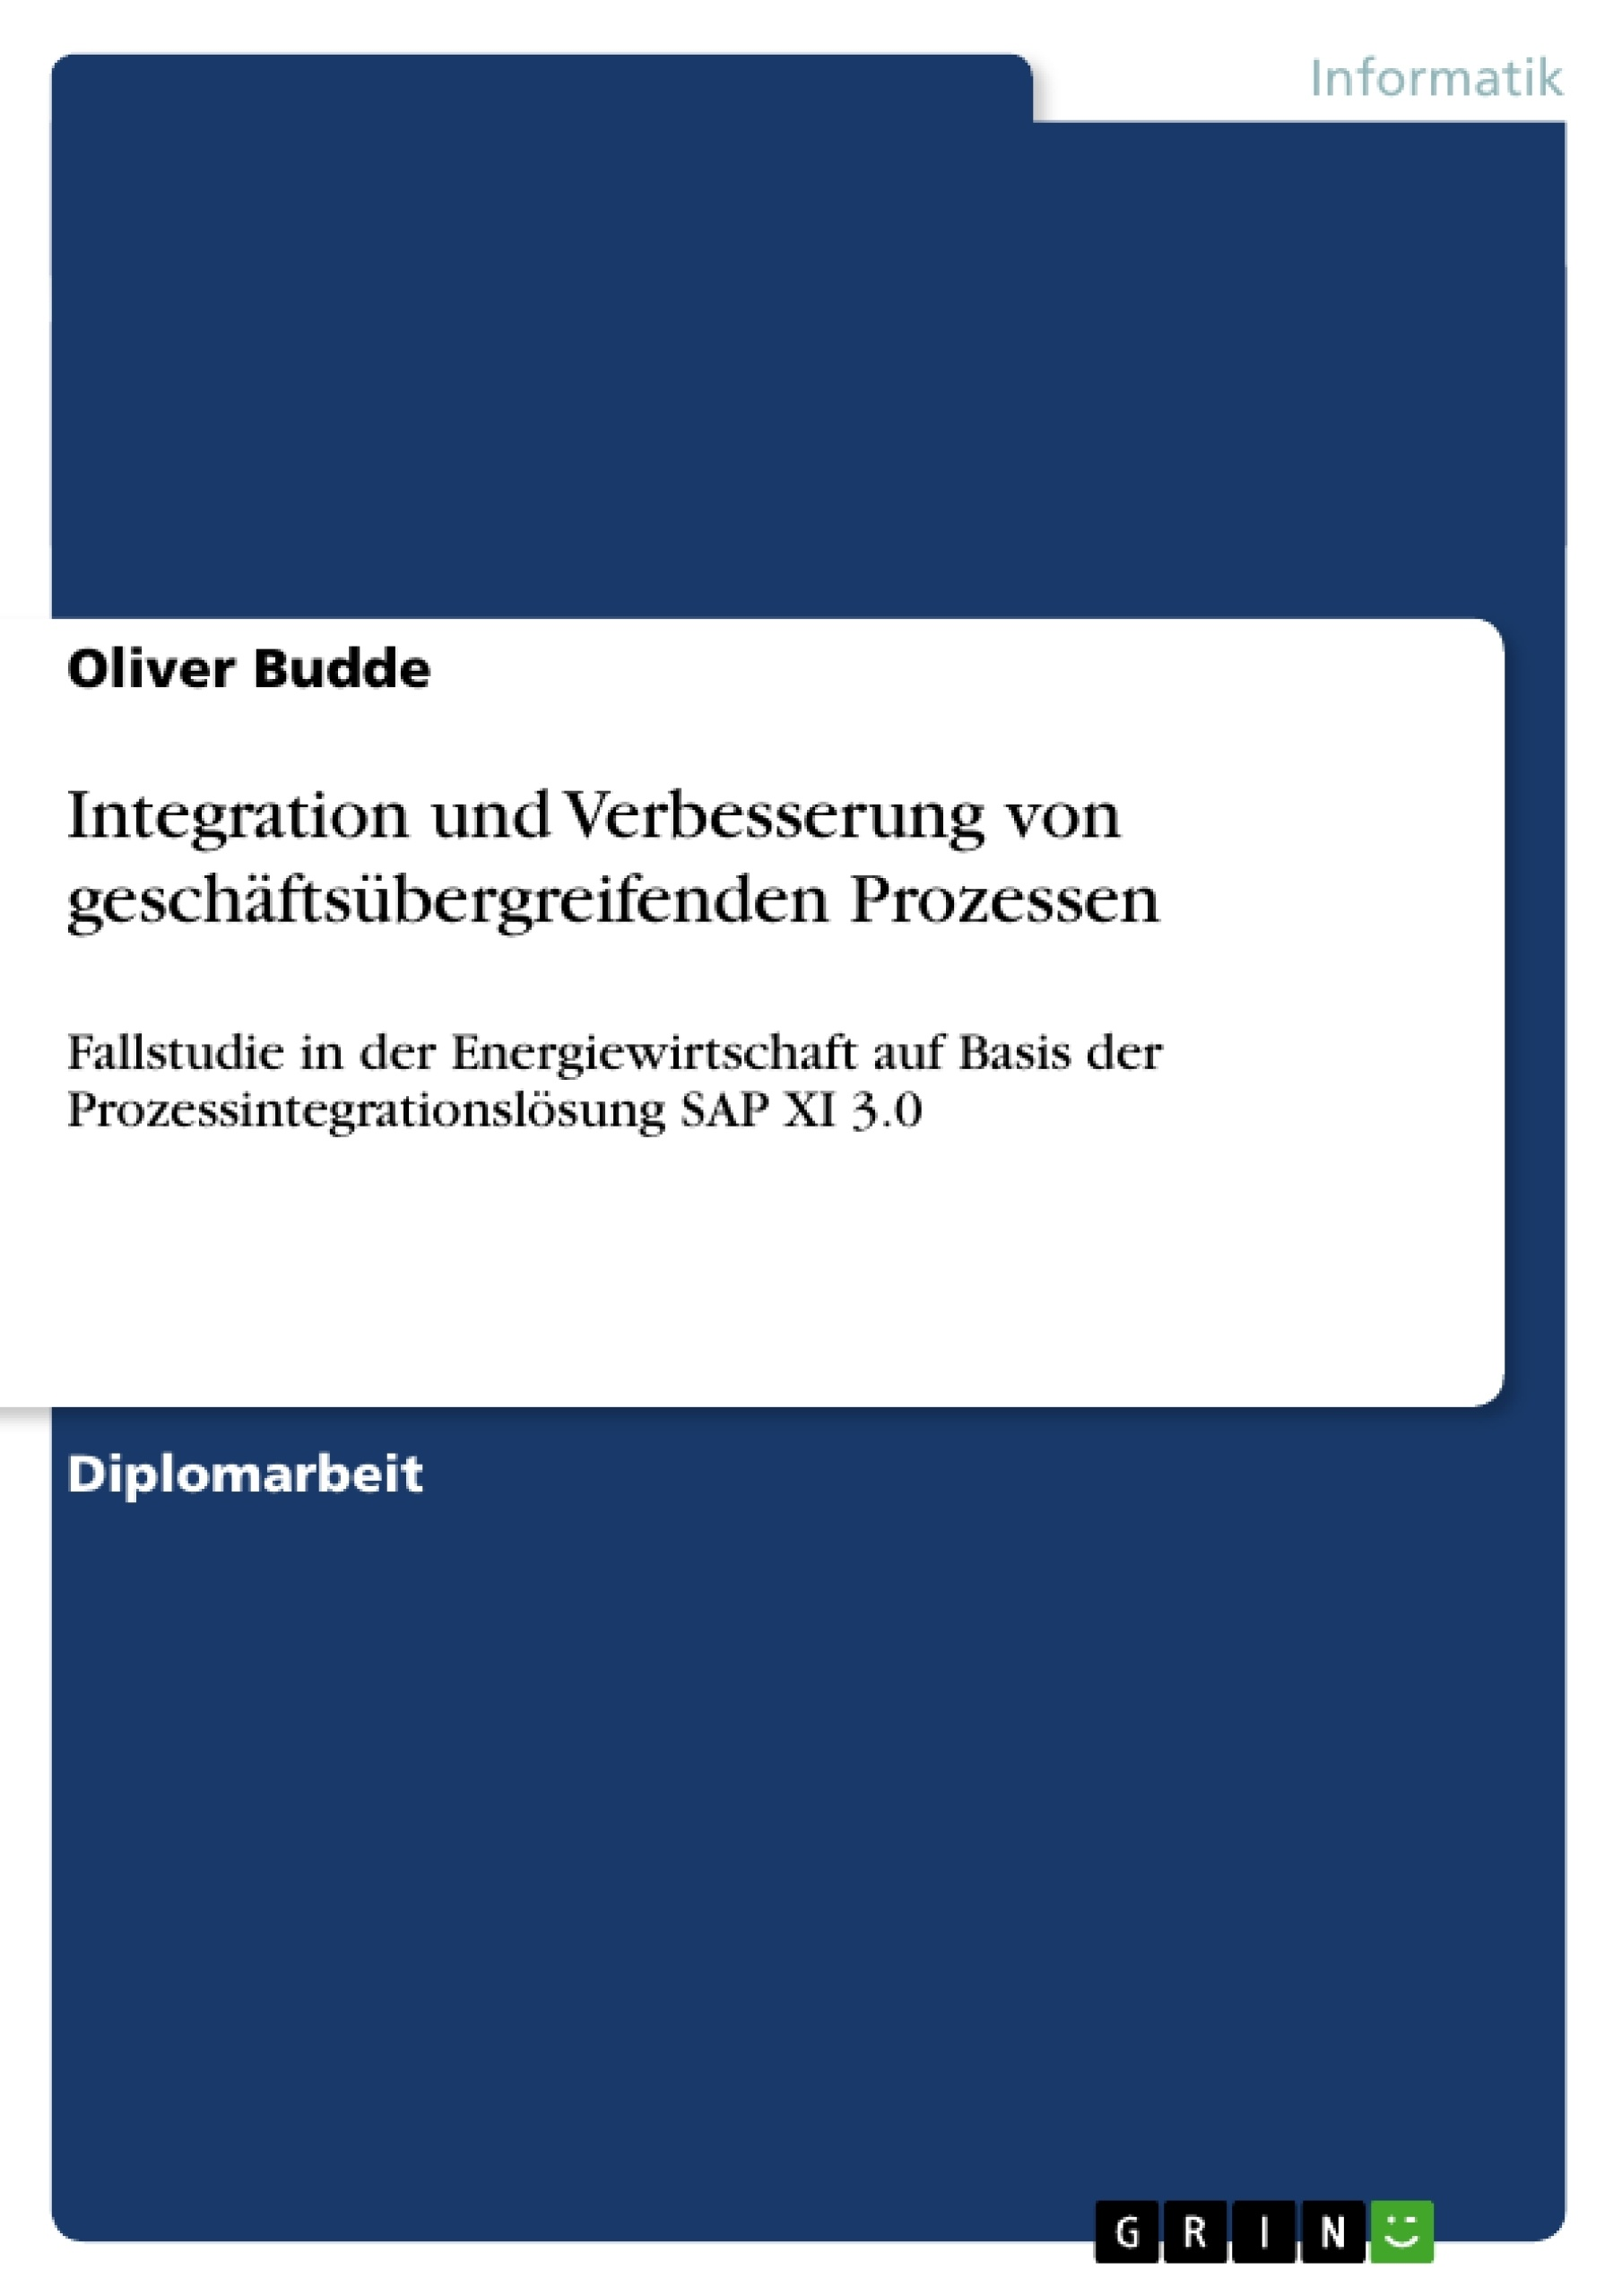 Titel: Integration und Verbesserung von geschäftsübergreifenden Prozessen